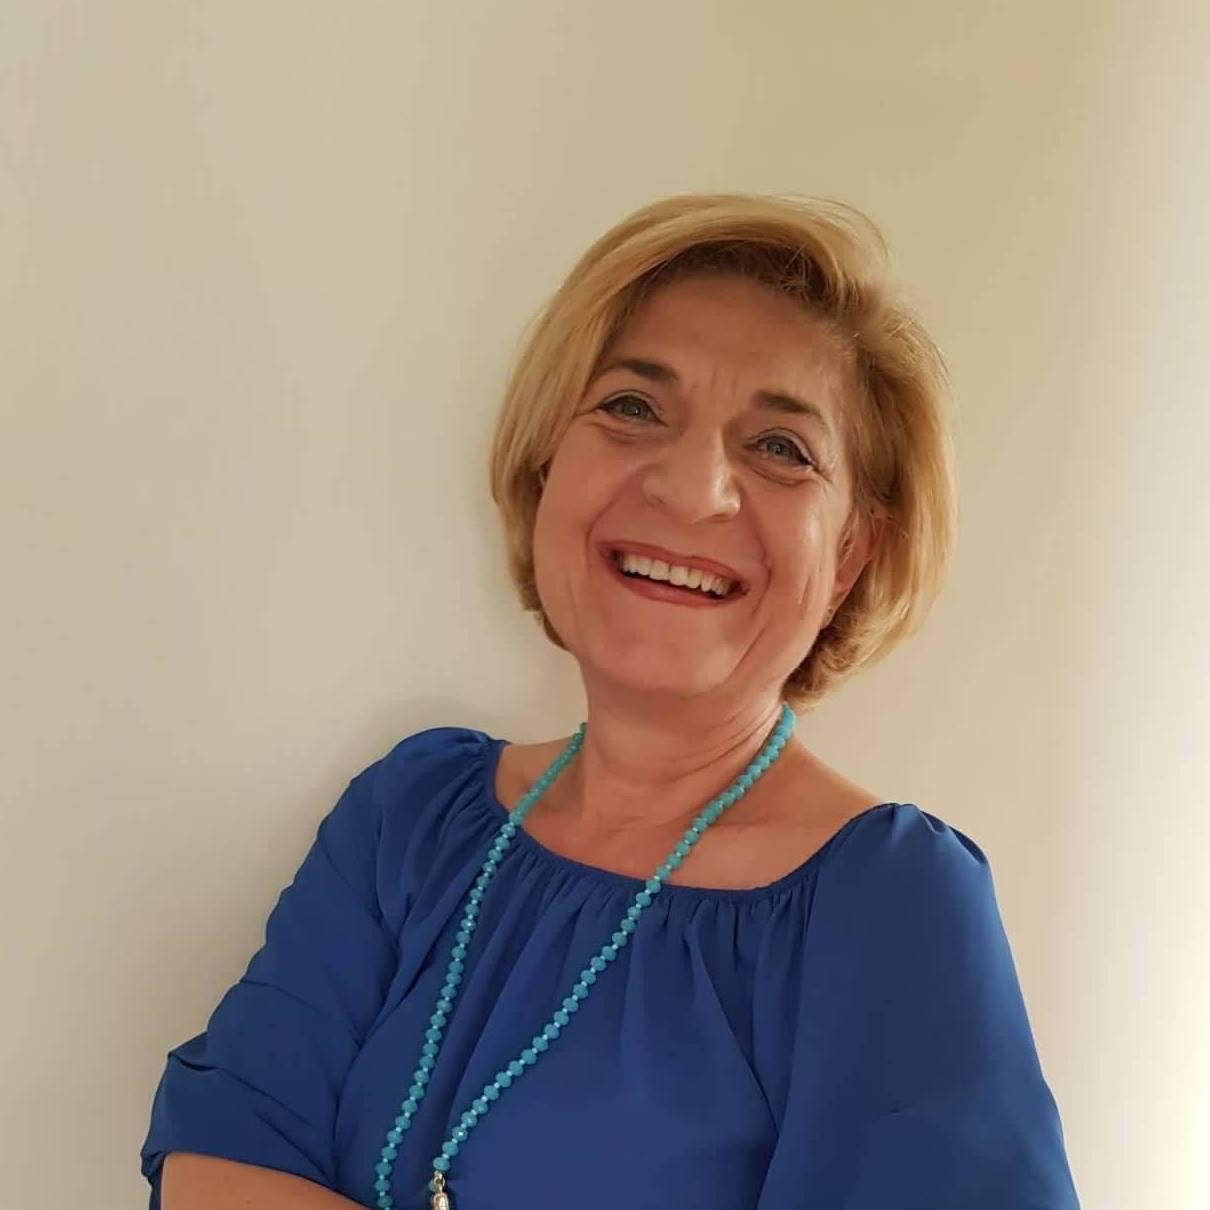 Η Ελένη Κωνσταντοπούλου